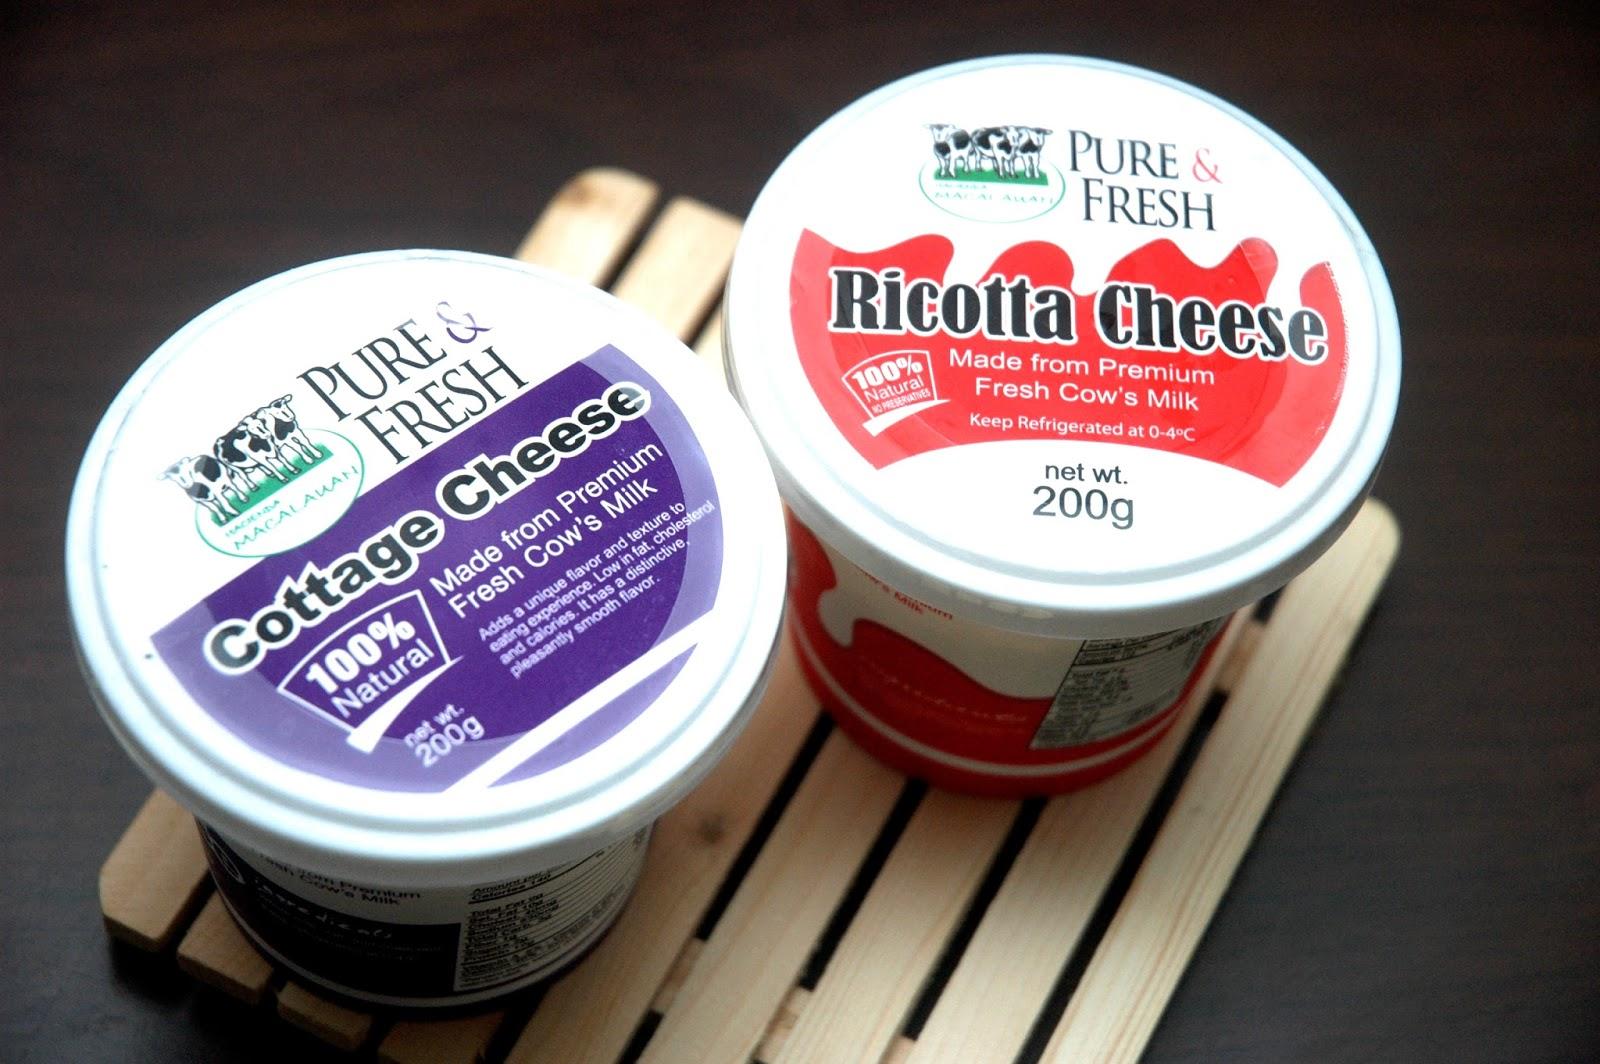 Pure U0026 Fresh: Hacienda Macalauanu0027s Pure U0026 Fresh Cottage Cheese And Ricotta  Cheese